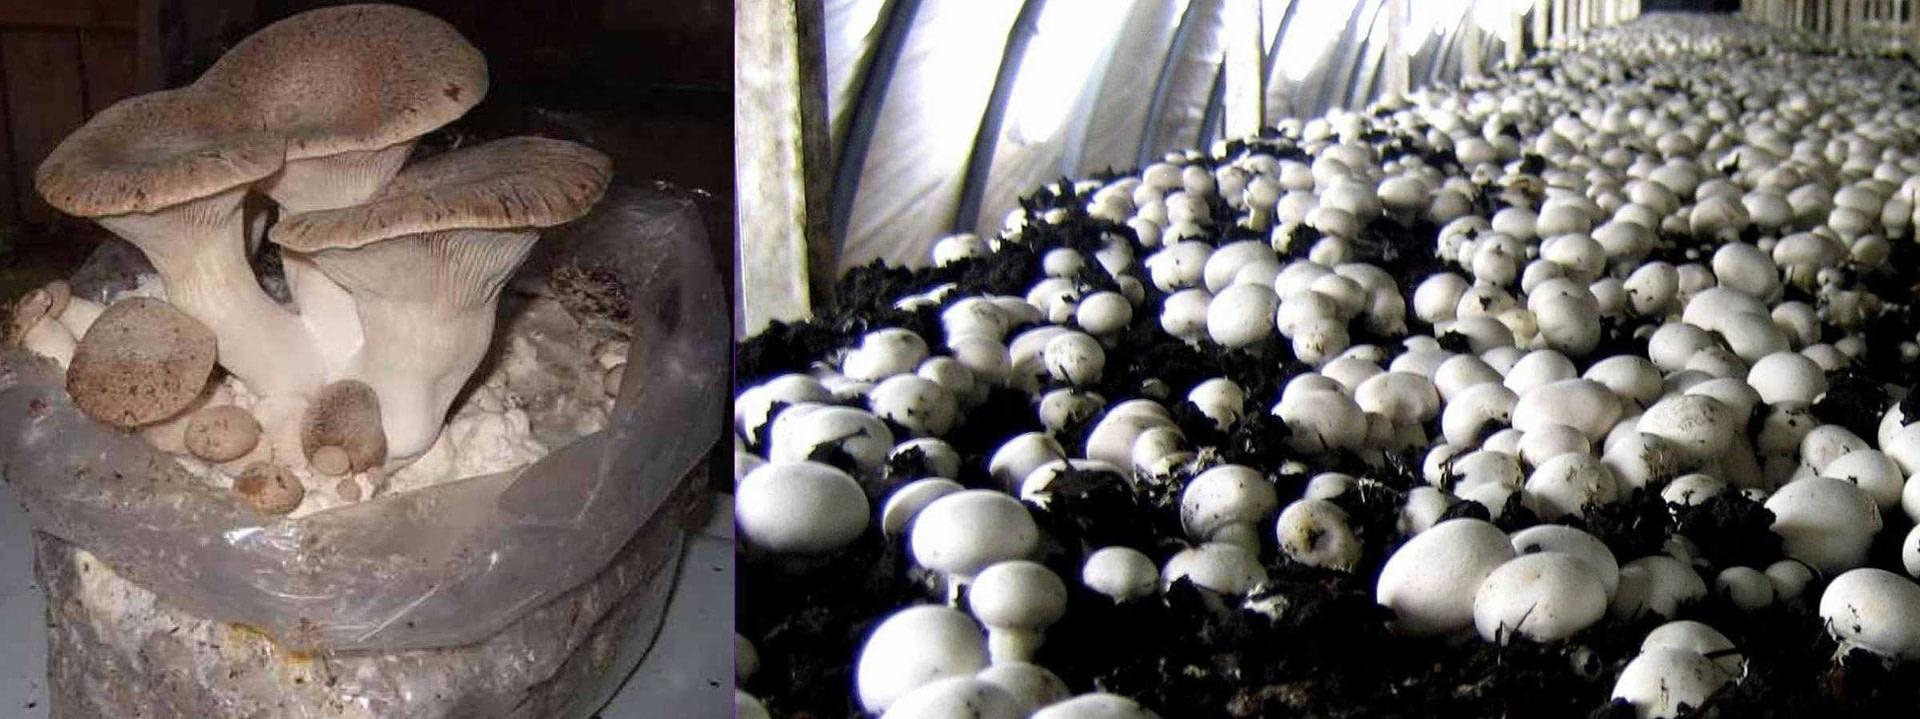 *** Кто такие грибы - можно ли есть грибы -если нет чем плохо есть грибы - видео - mushrooms ***